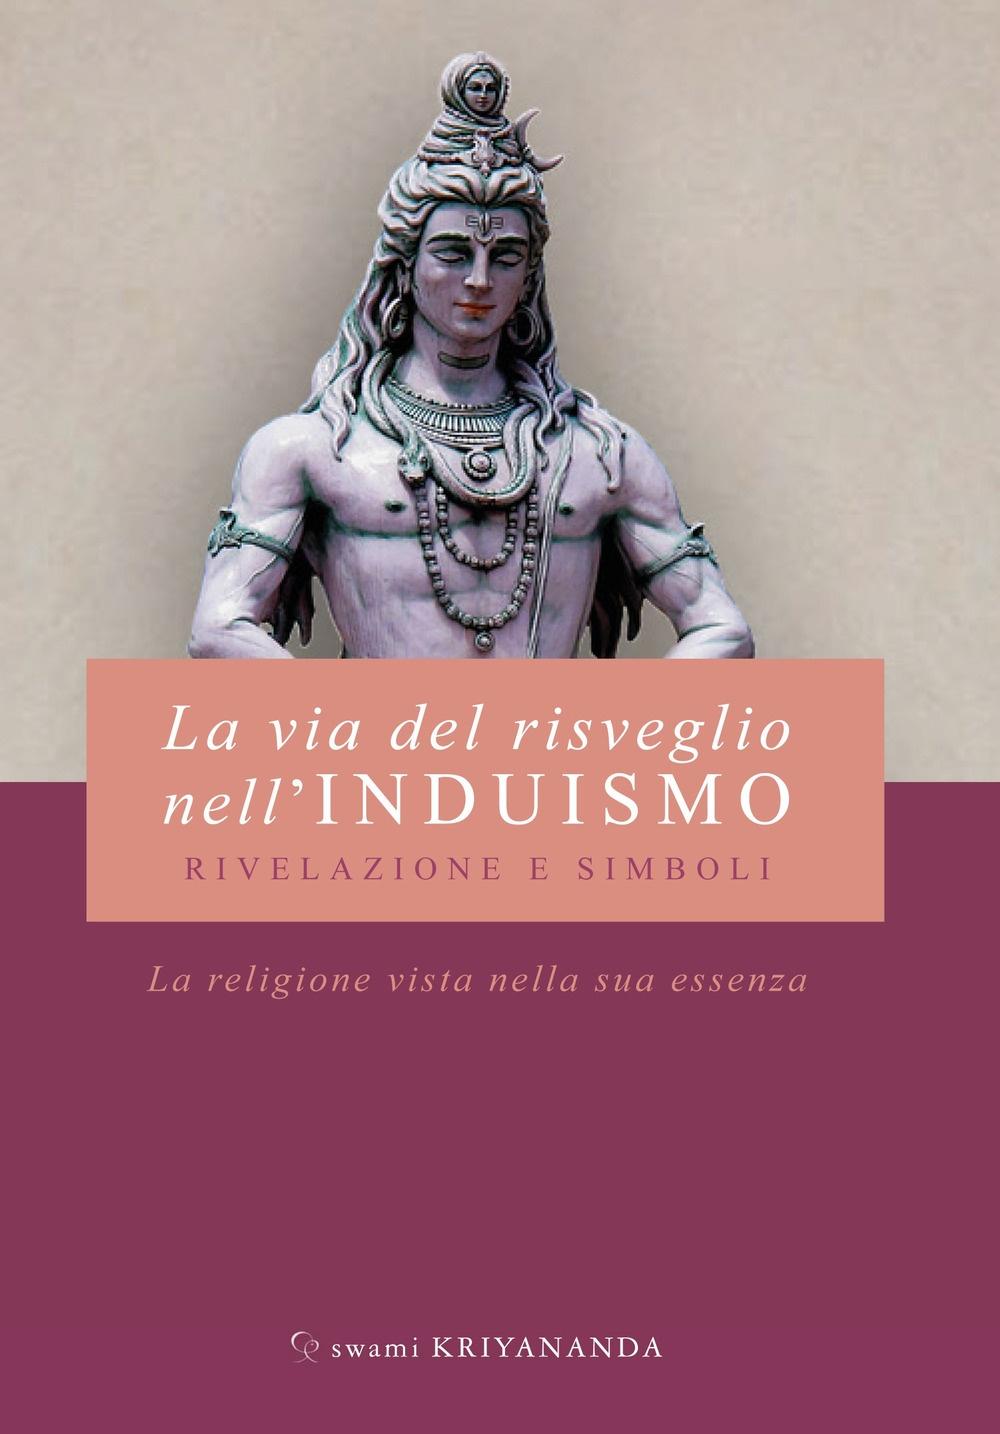 La-Via-del-Risveglio-nell-Induismo